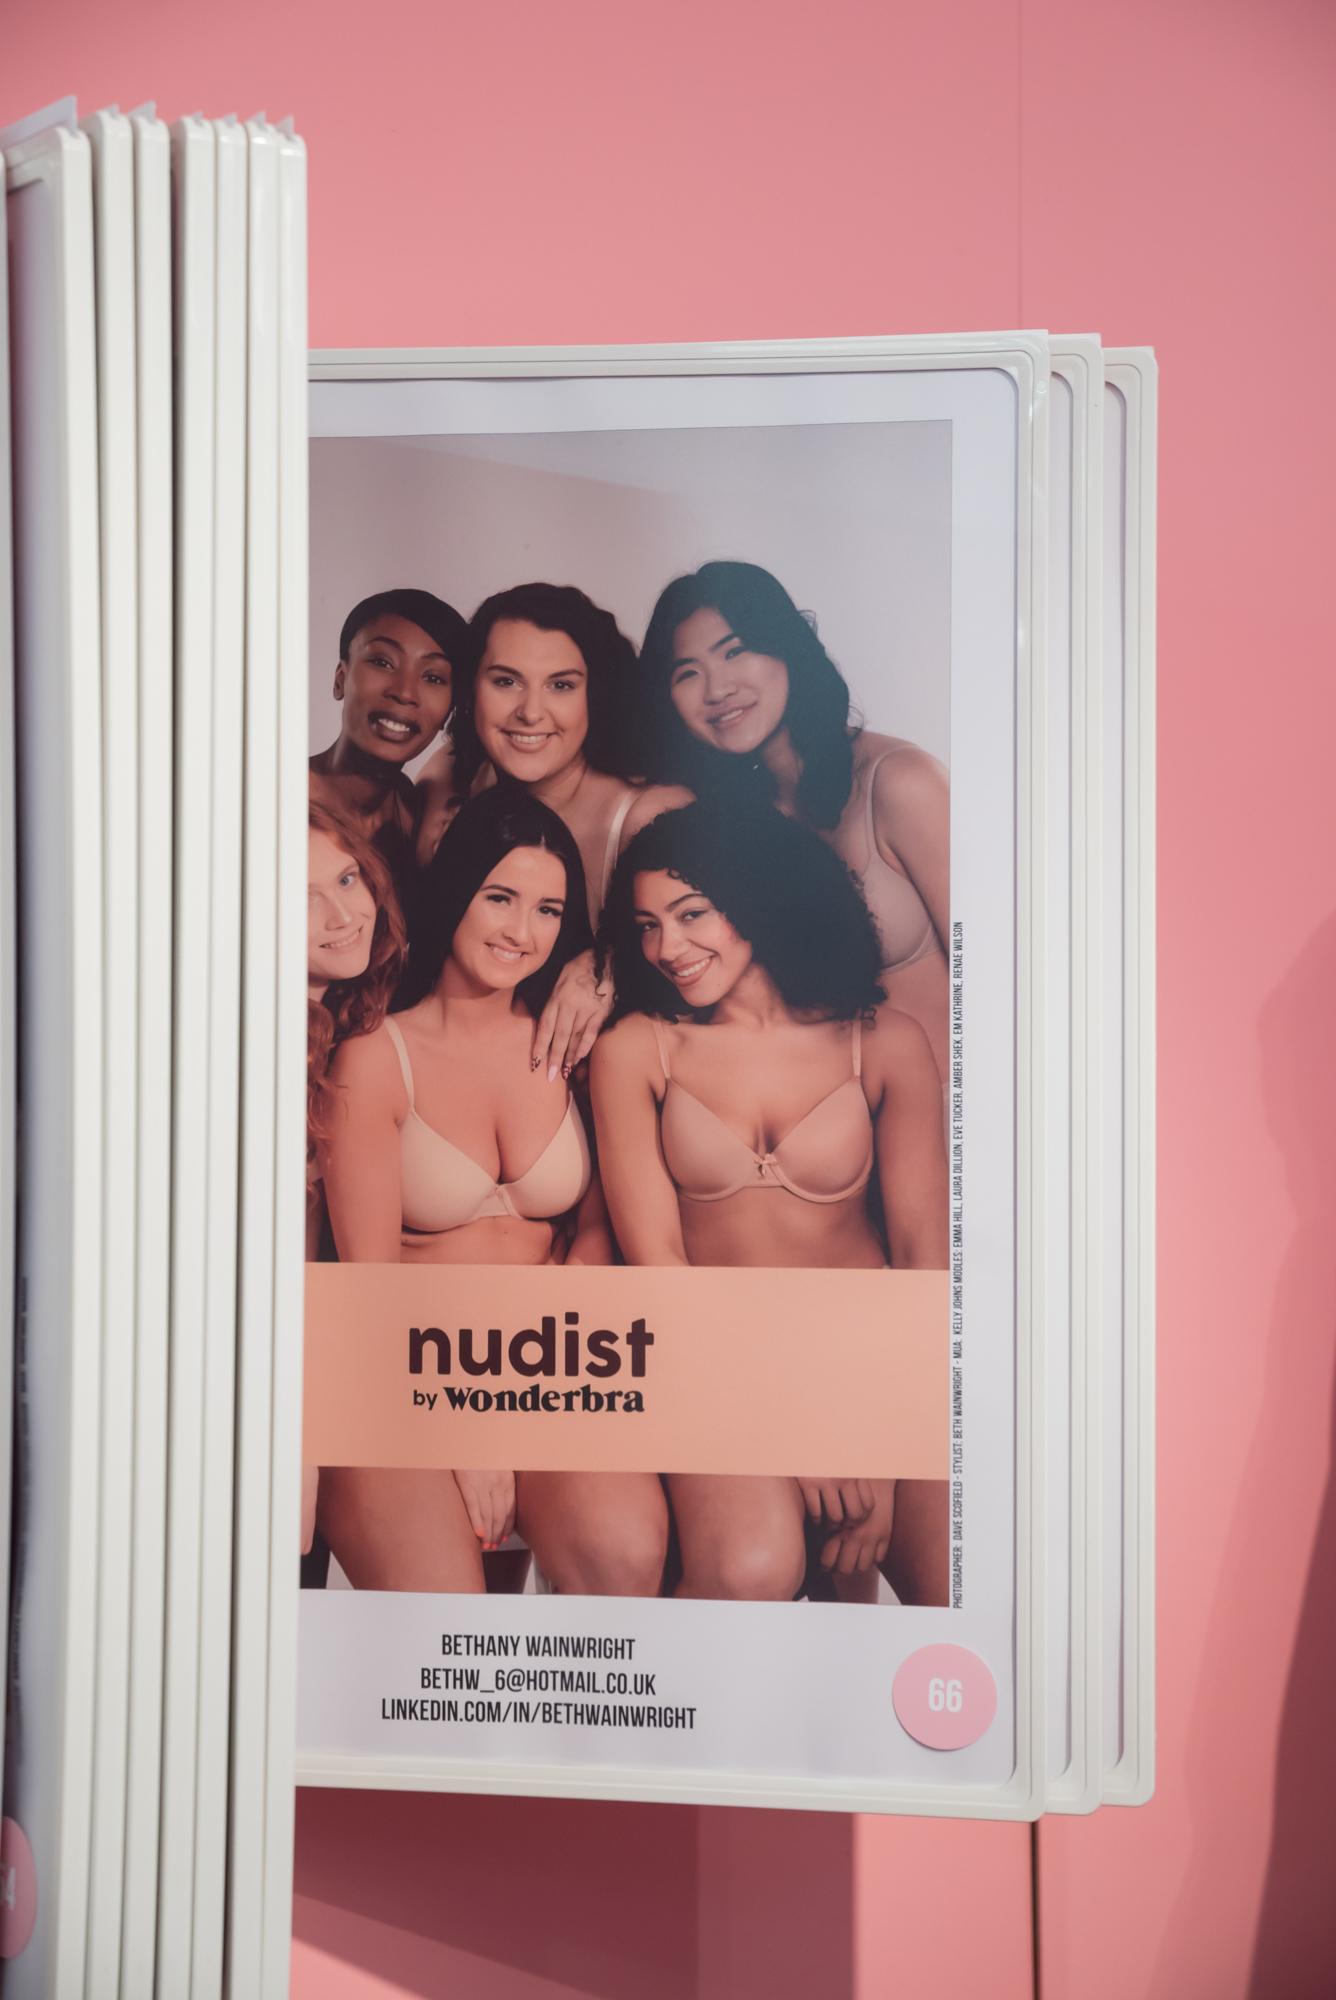 hebe nudist  camcam copenhagen quilt junior nude - CozyKidz